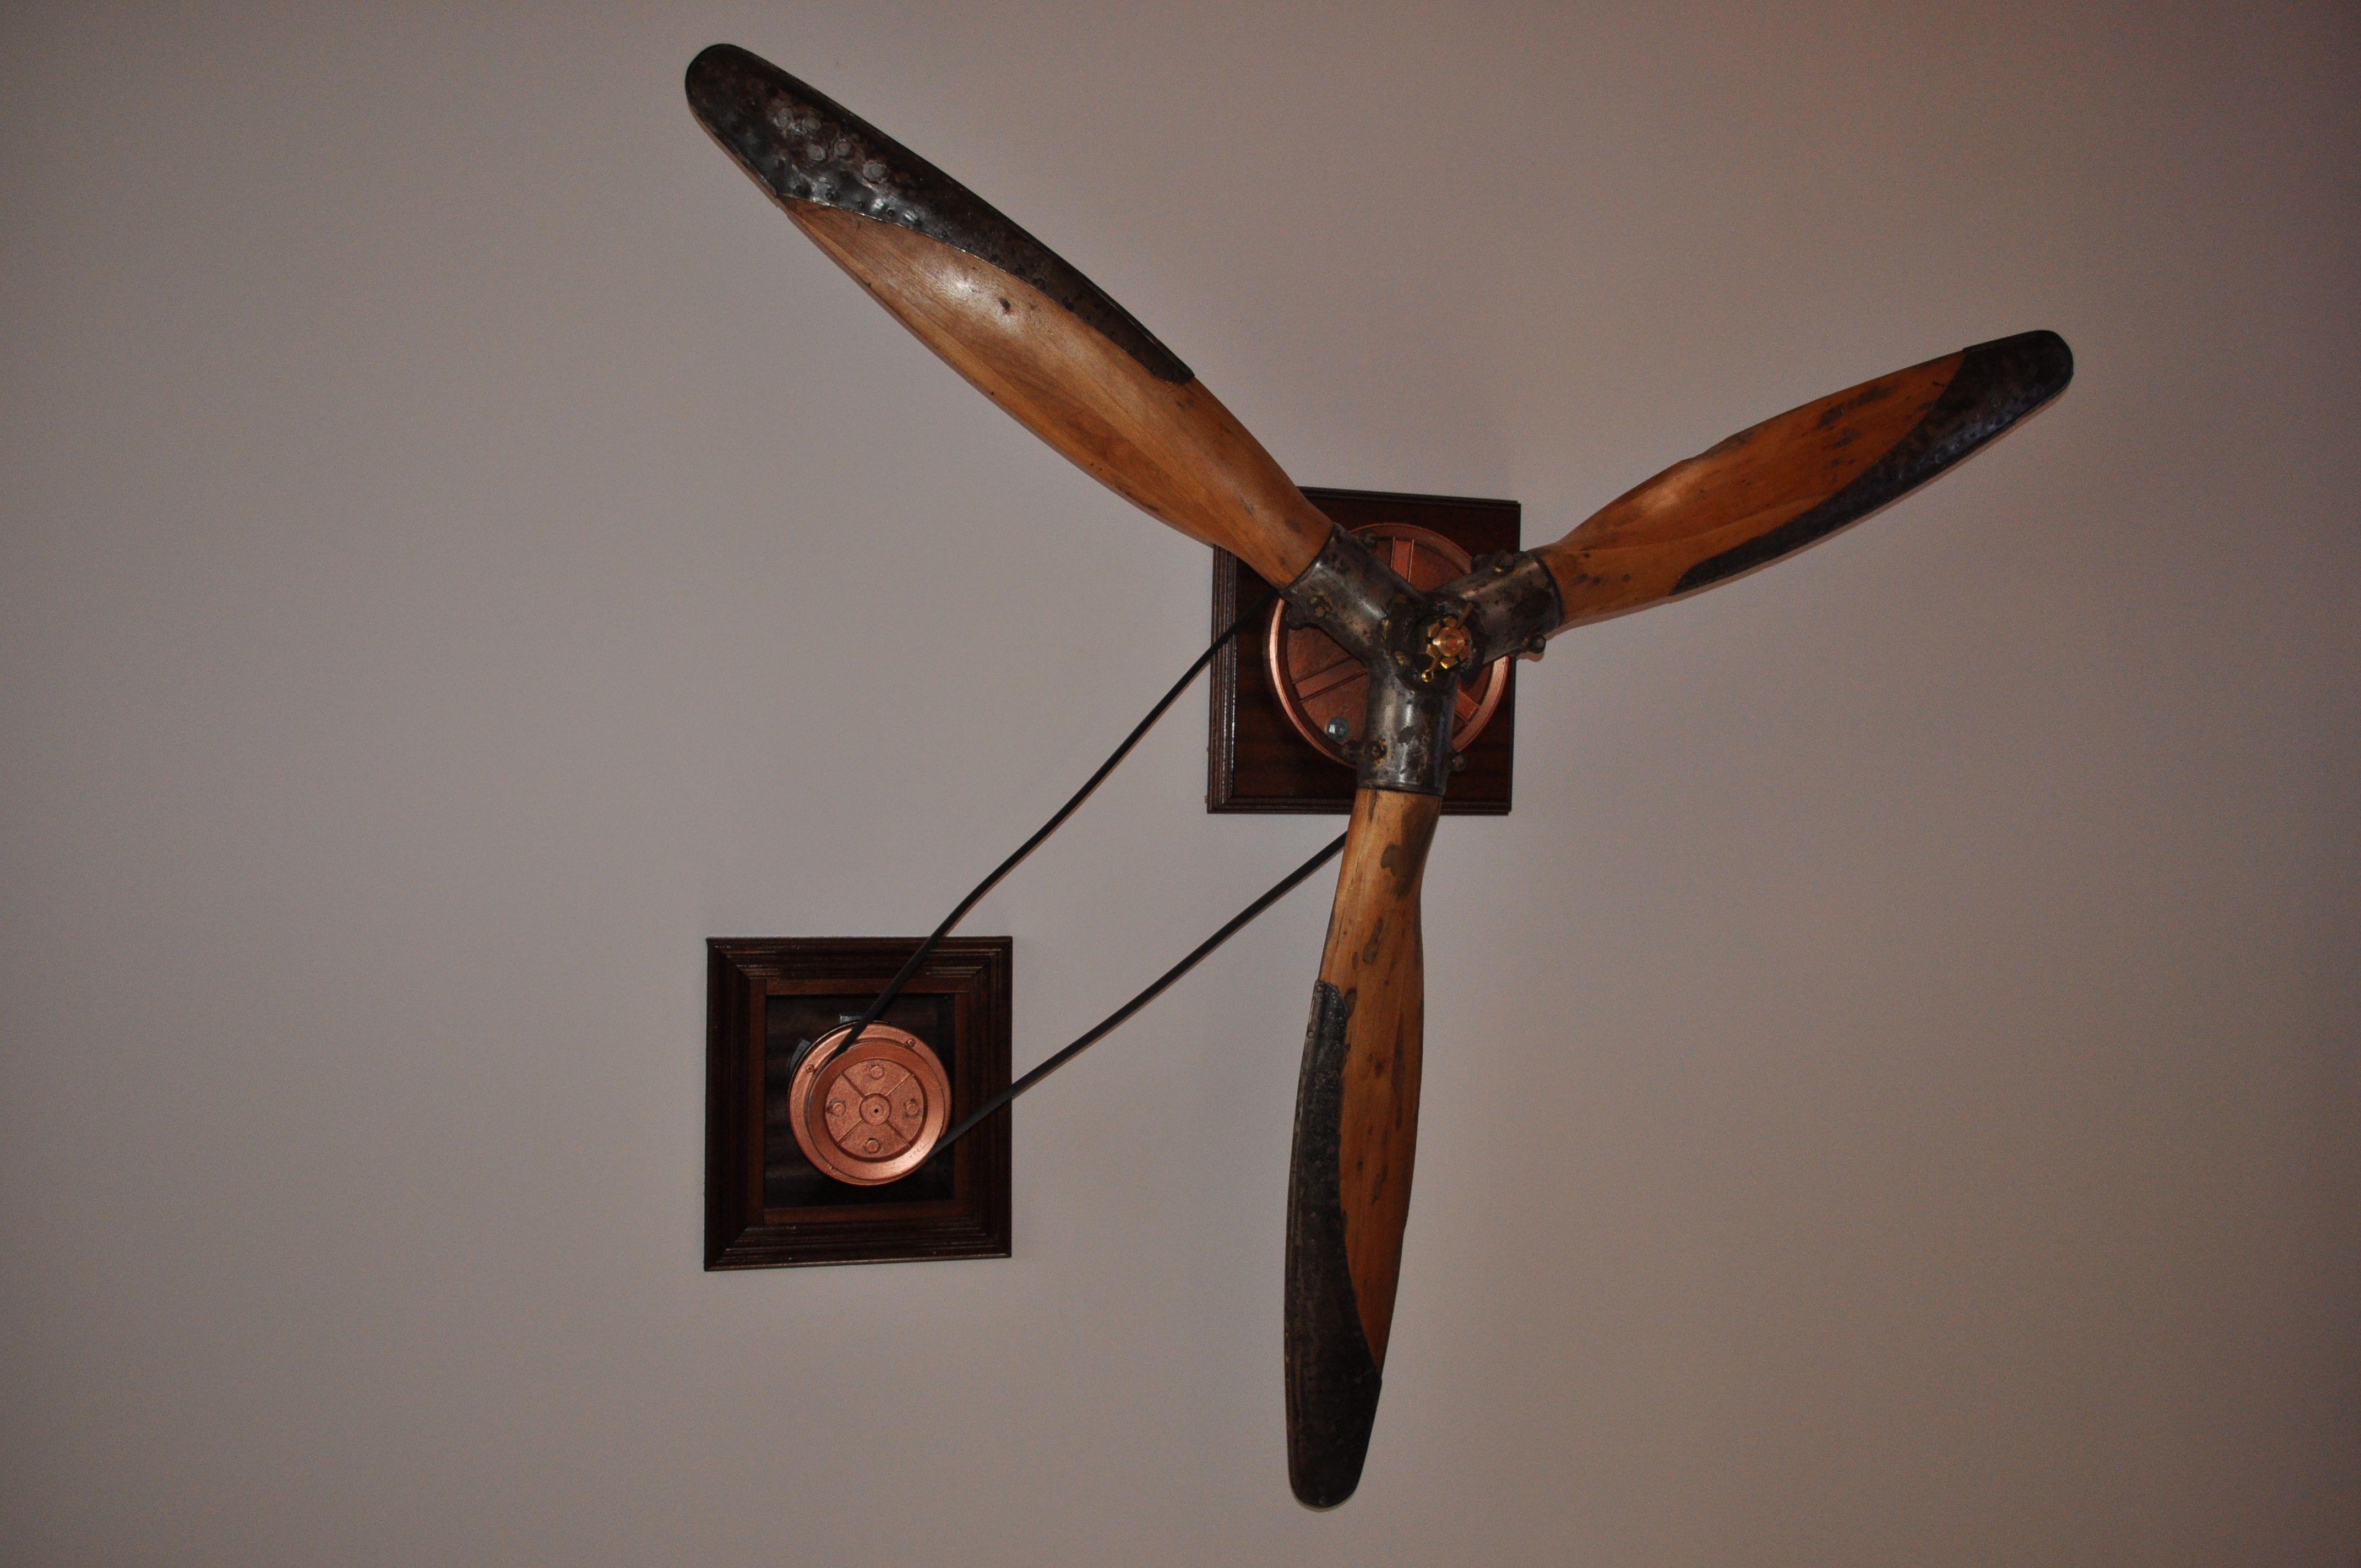 Belt Ceiling Fan Study Manly Man Stuff Ceiling Fan